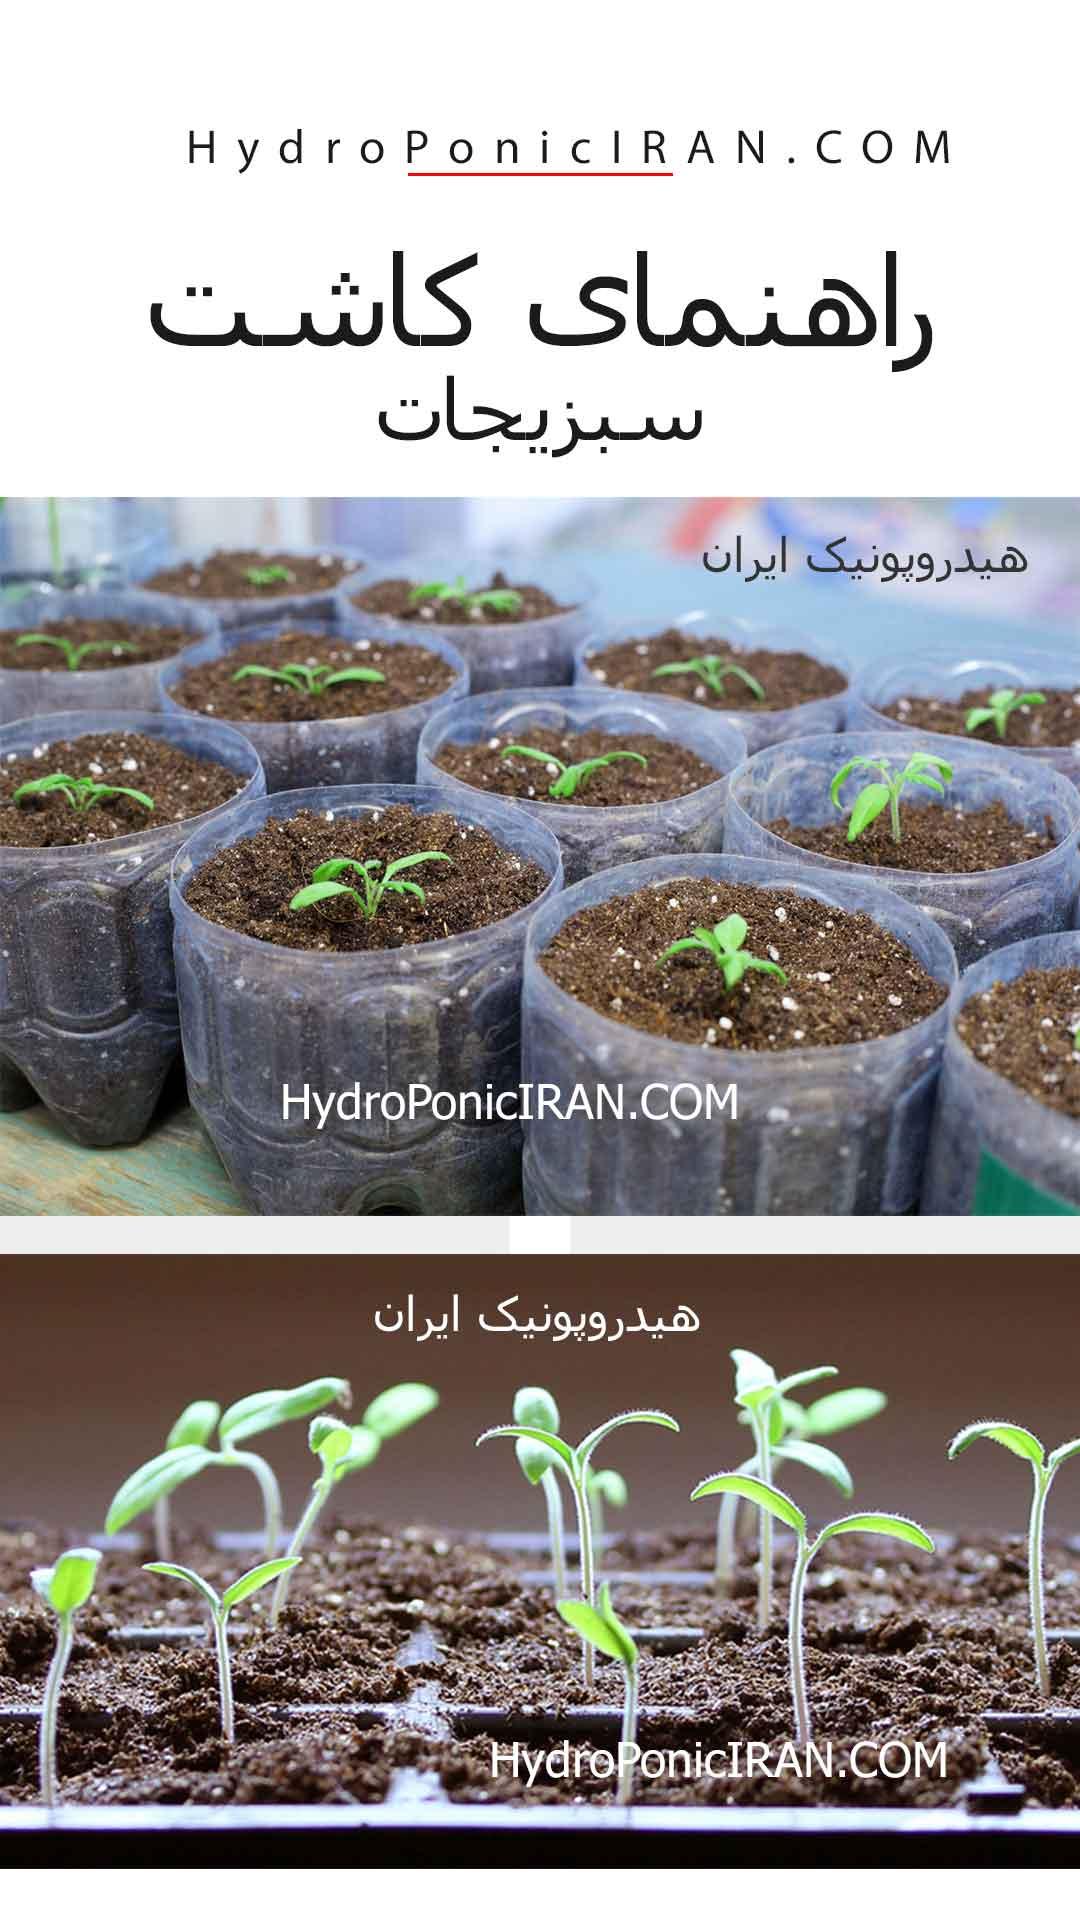 راهنمای کاشت سبزیجات در خانه توسط هیدروپونیک ایران